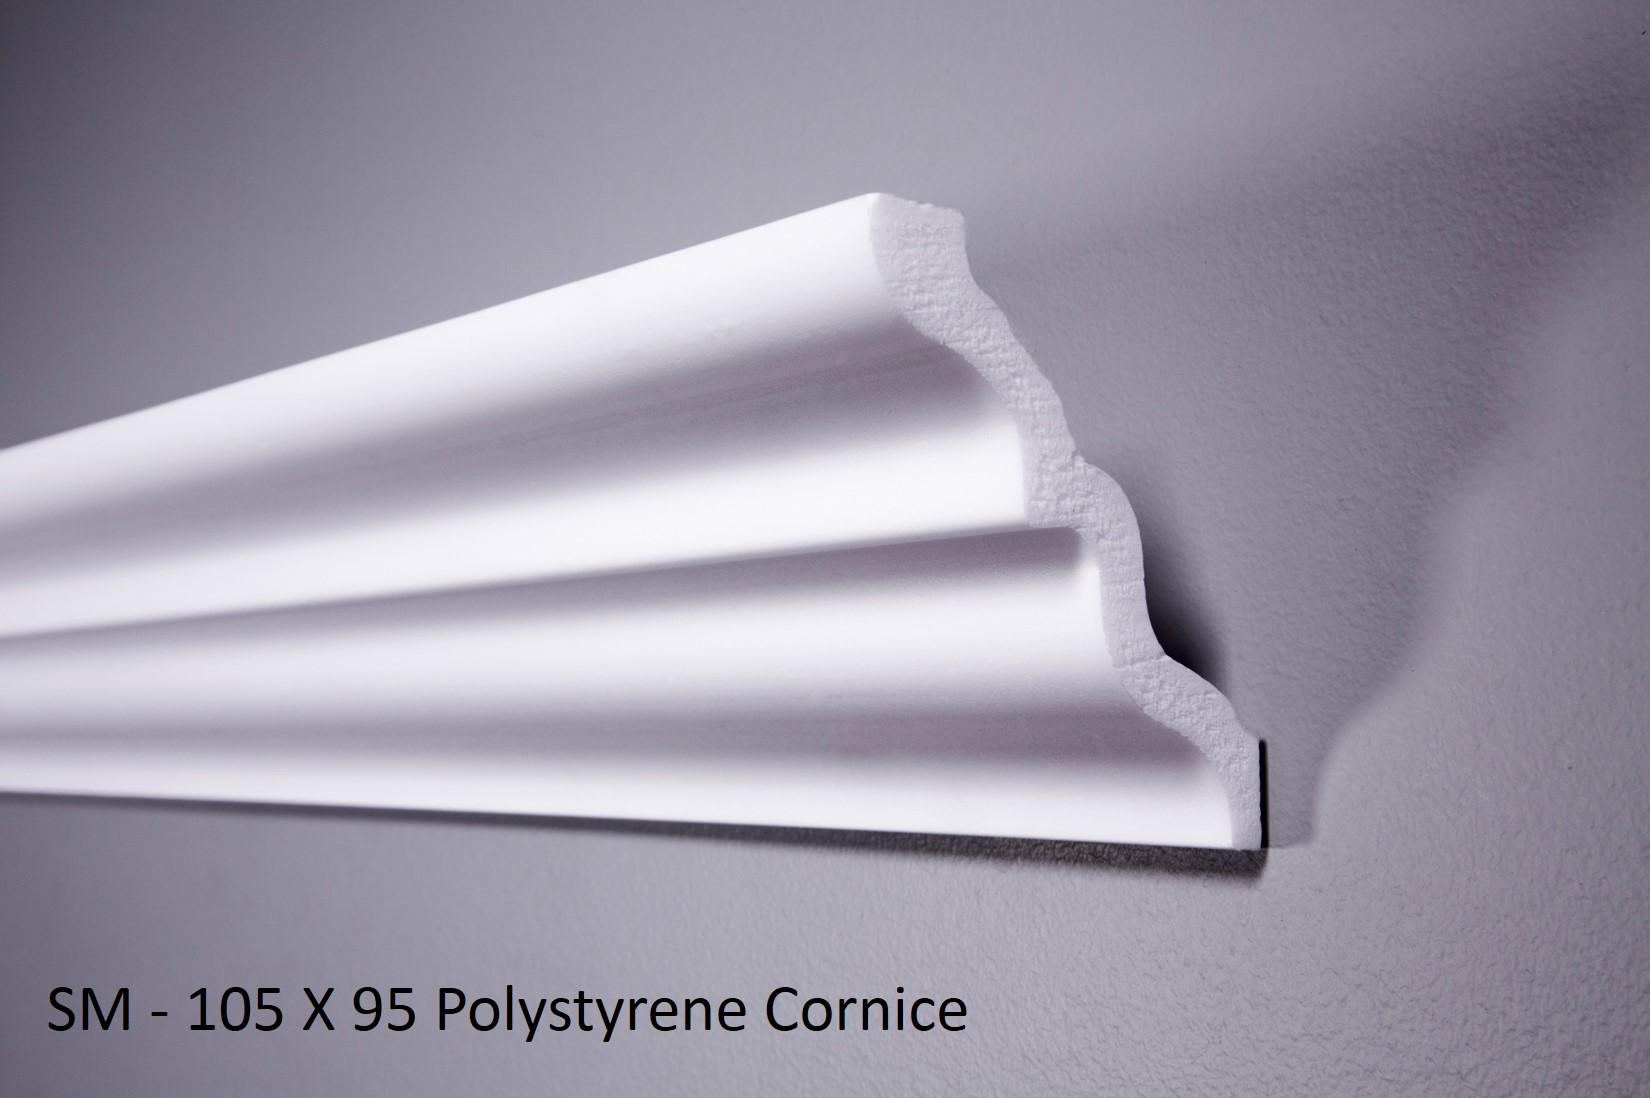 SM - 105 X 95 Polystyrene Cornice